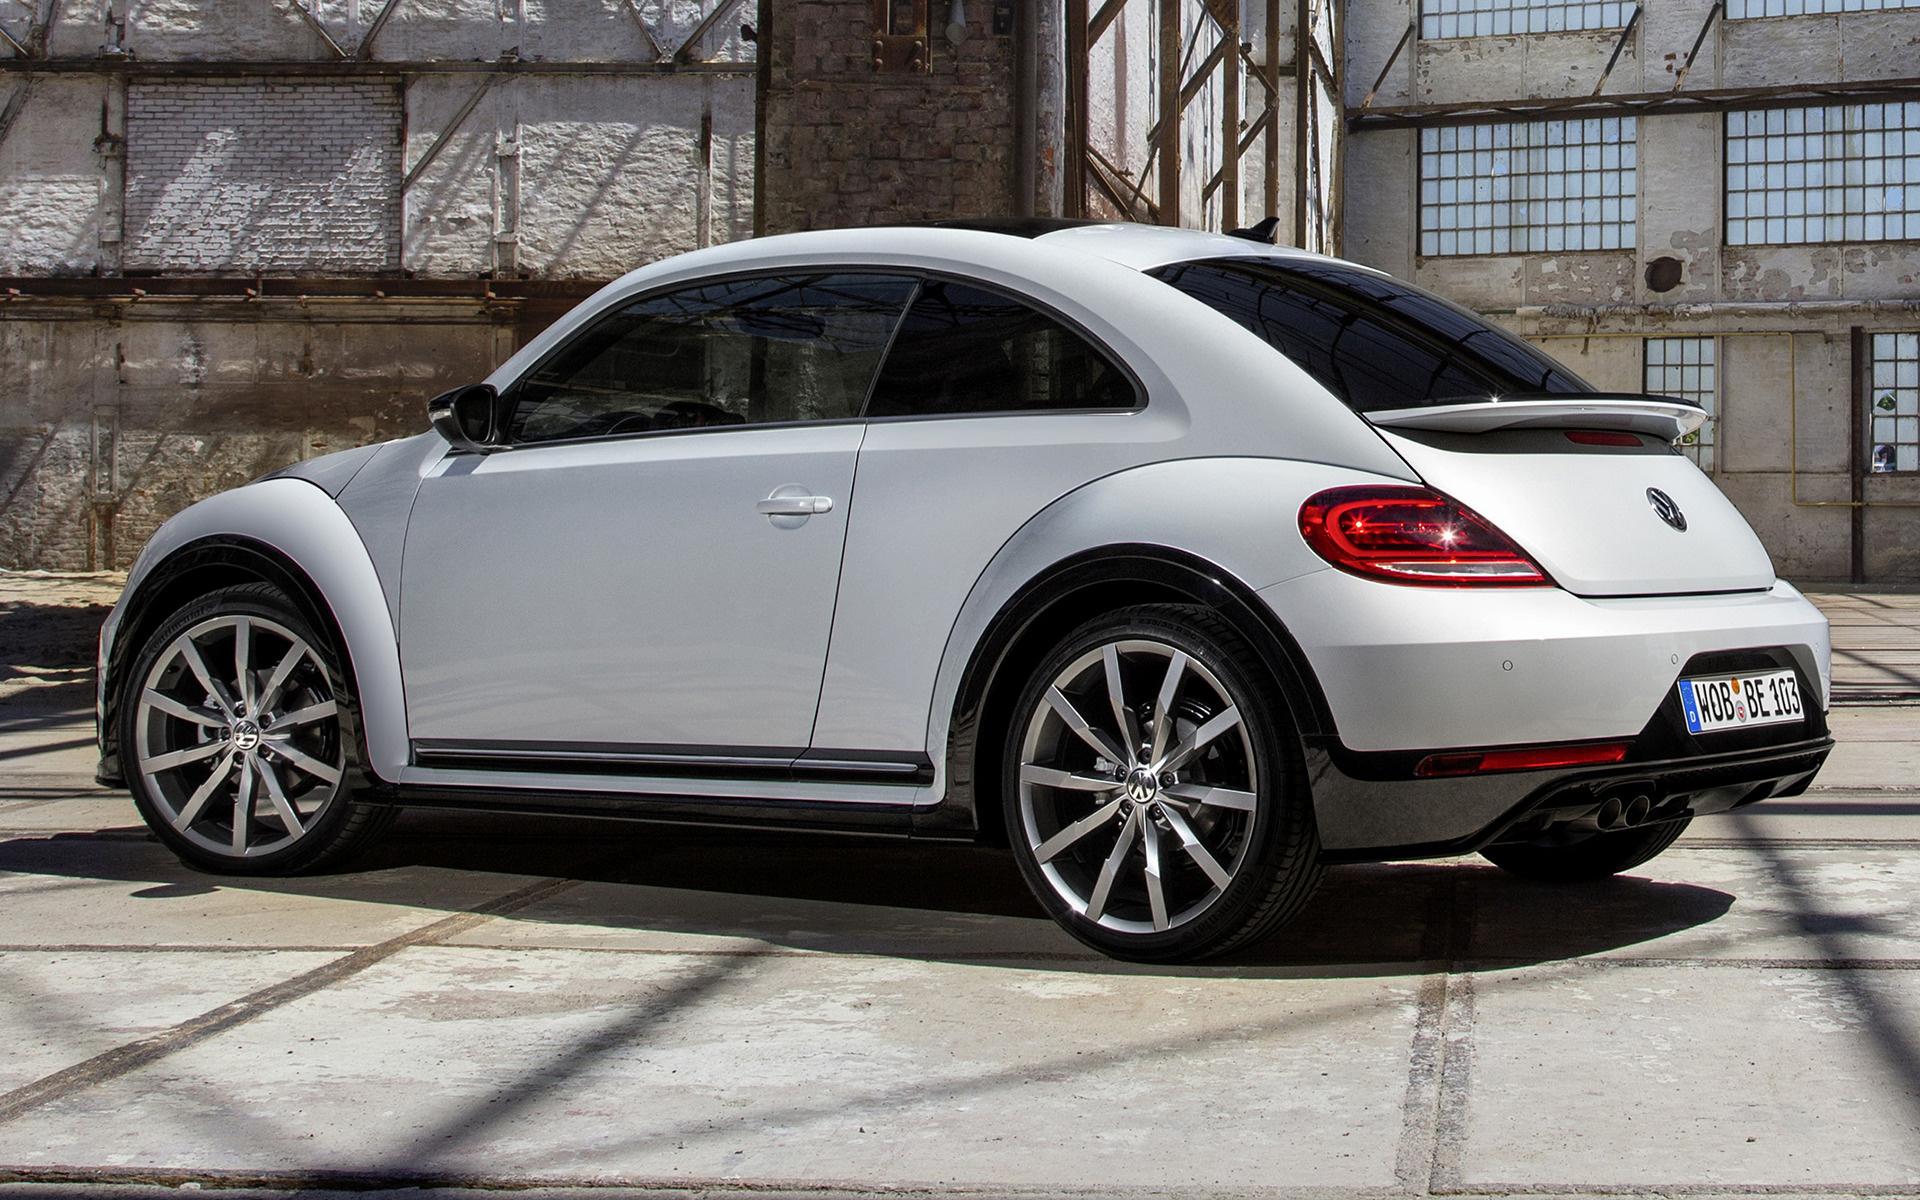 2016 volkswagen beetle r-line